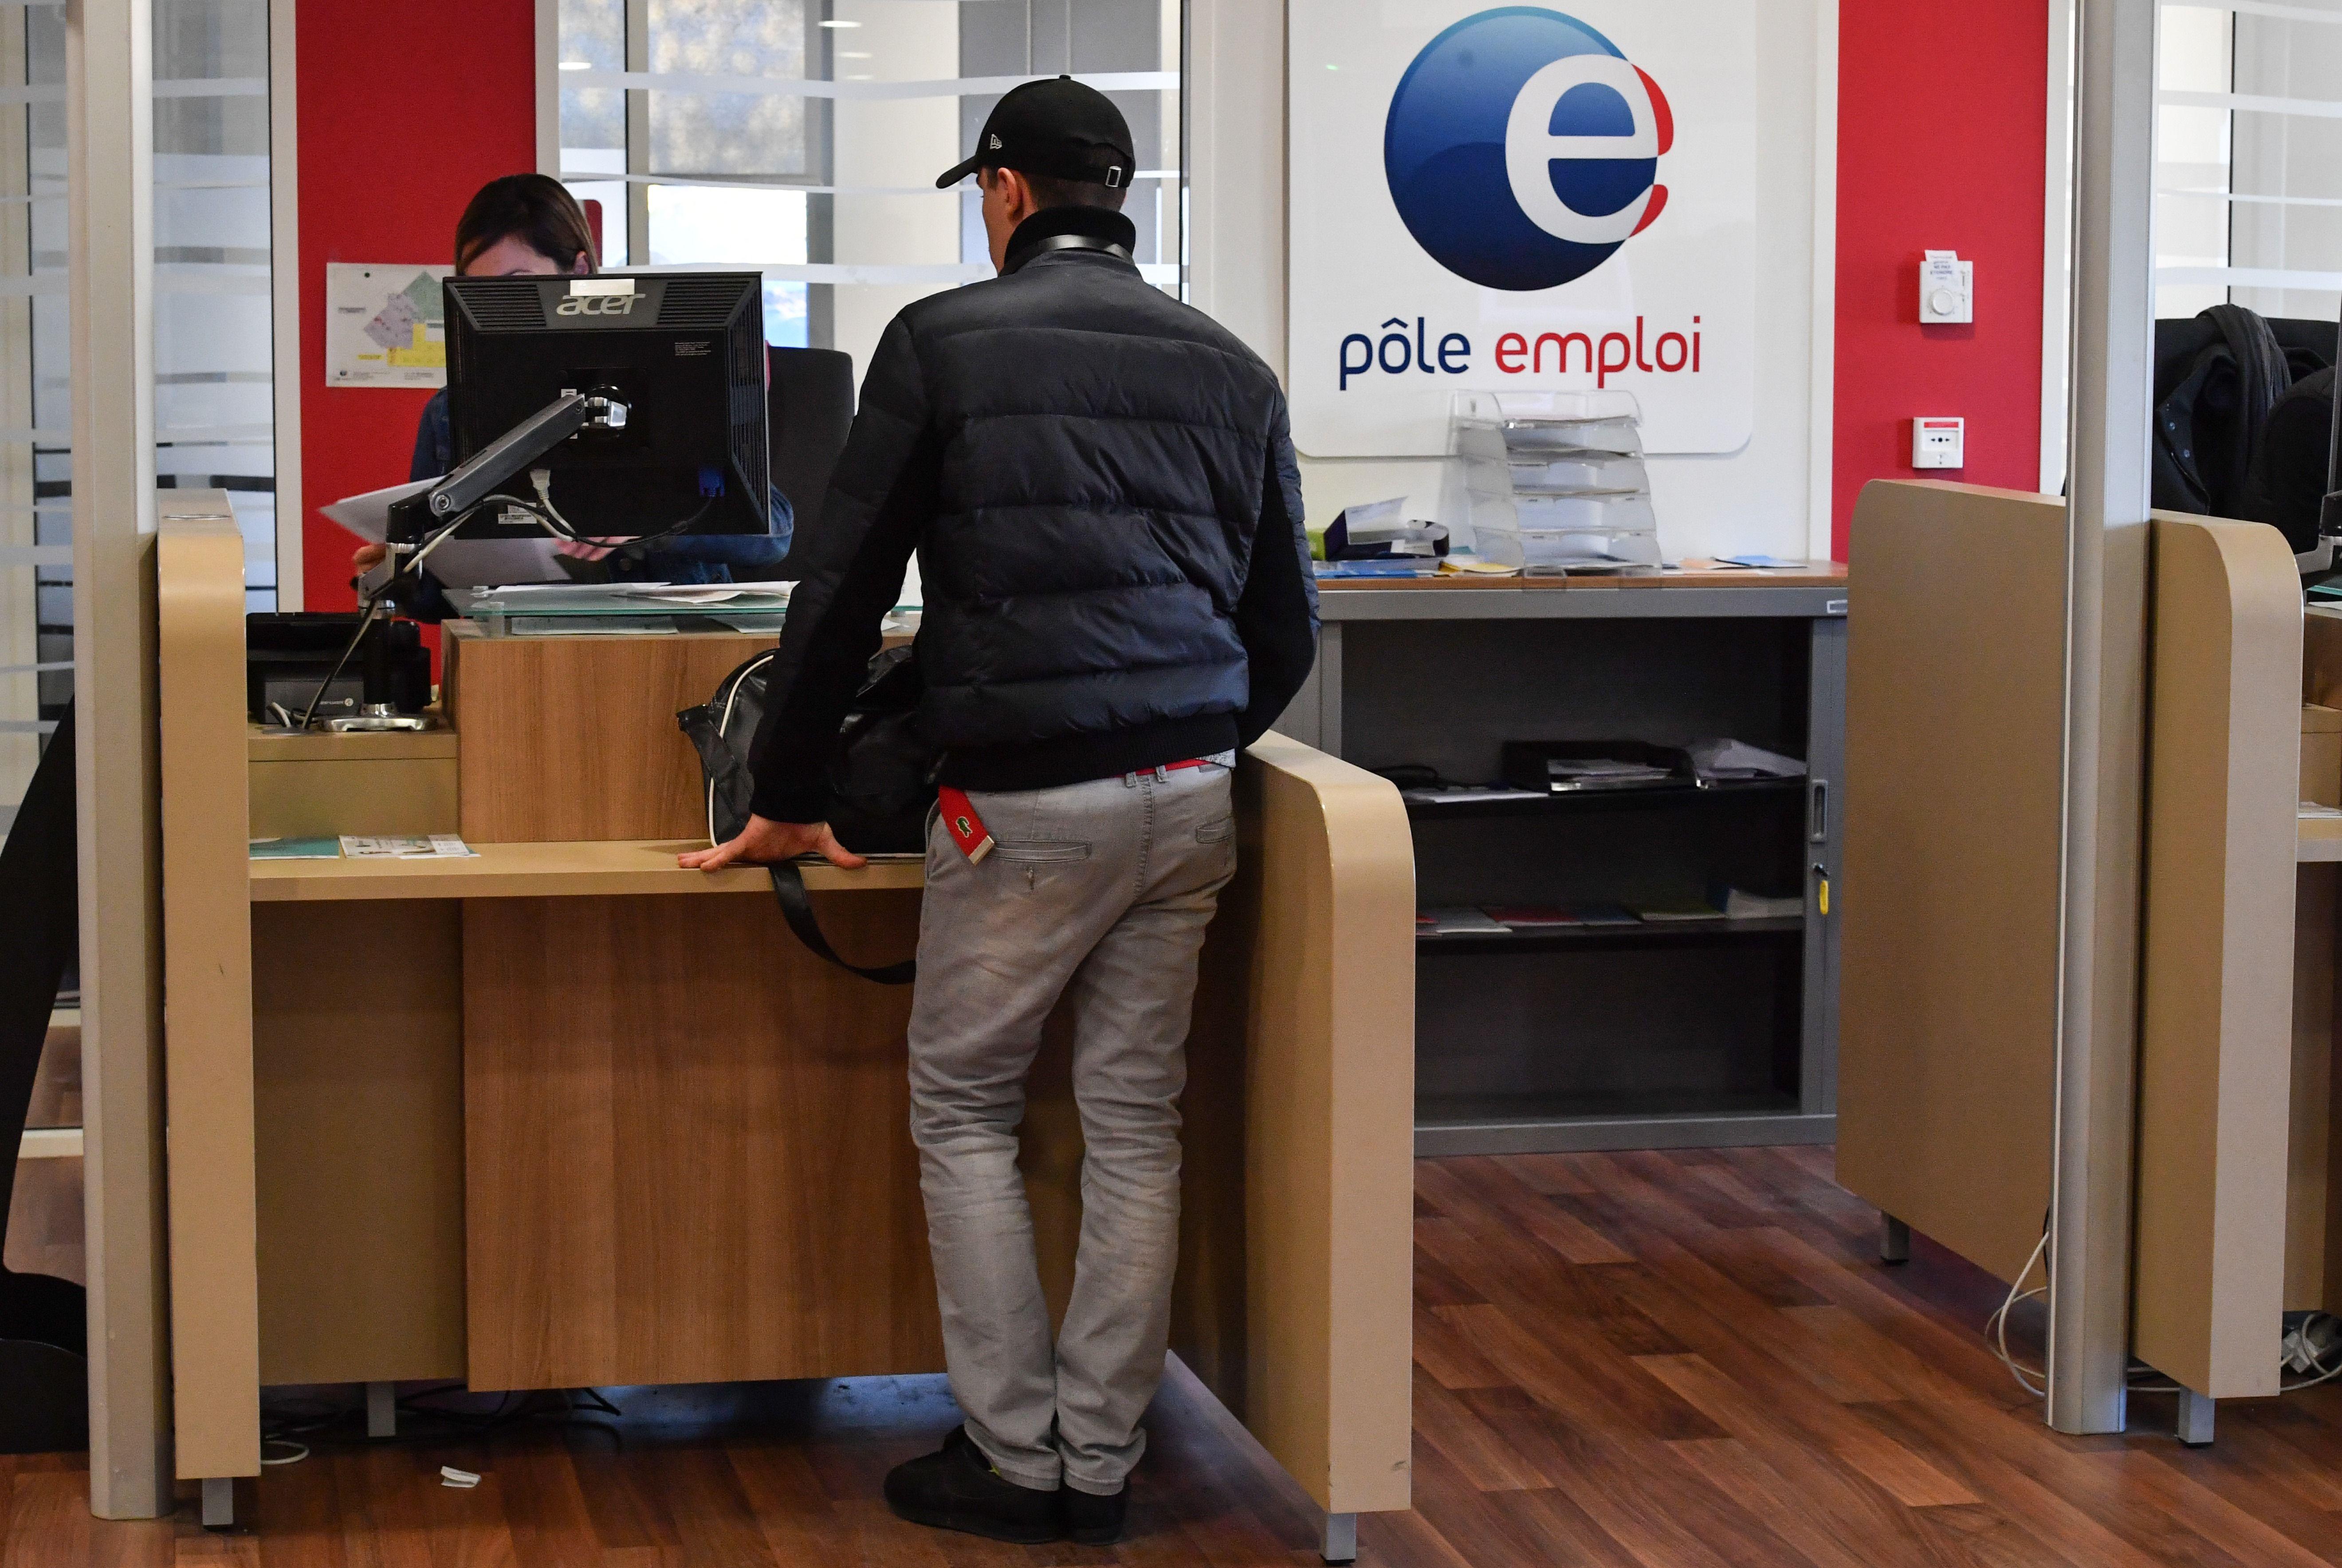 Forte baisse du taux de chômage au 4ème trimestre 2019 à